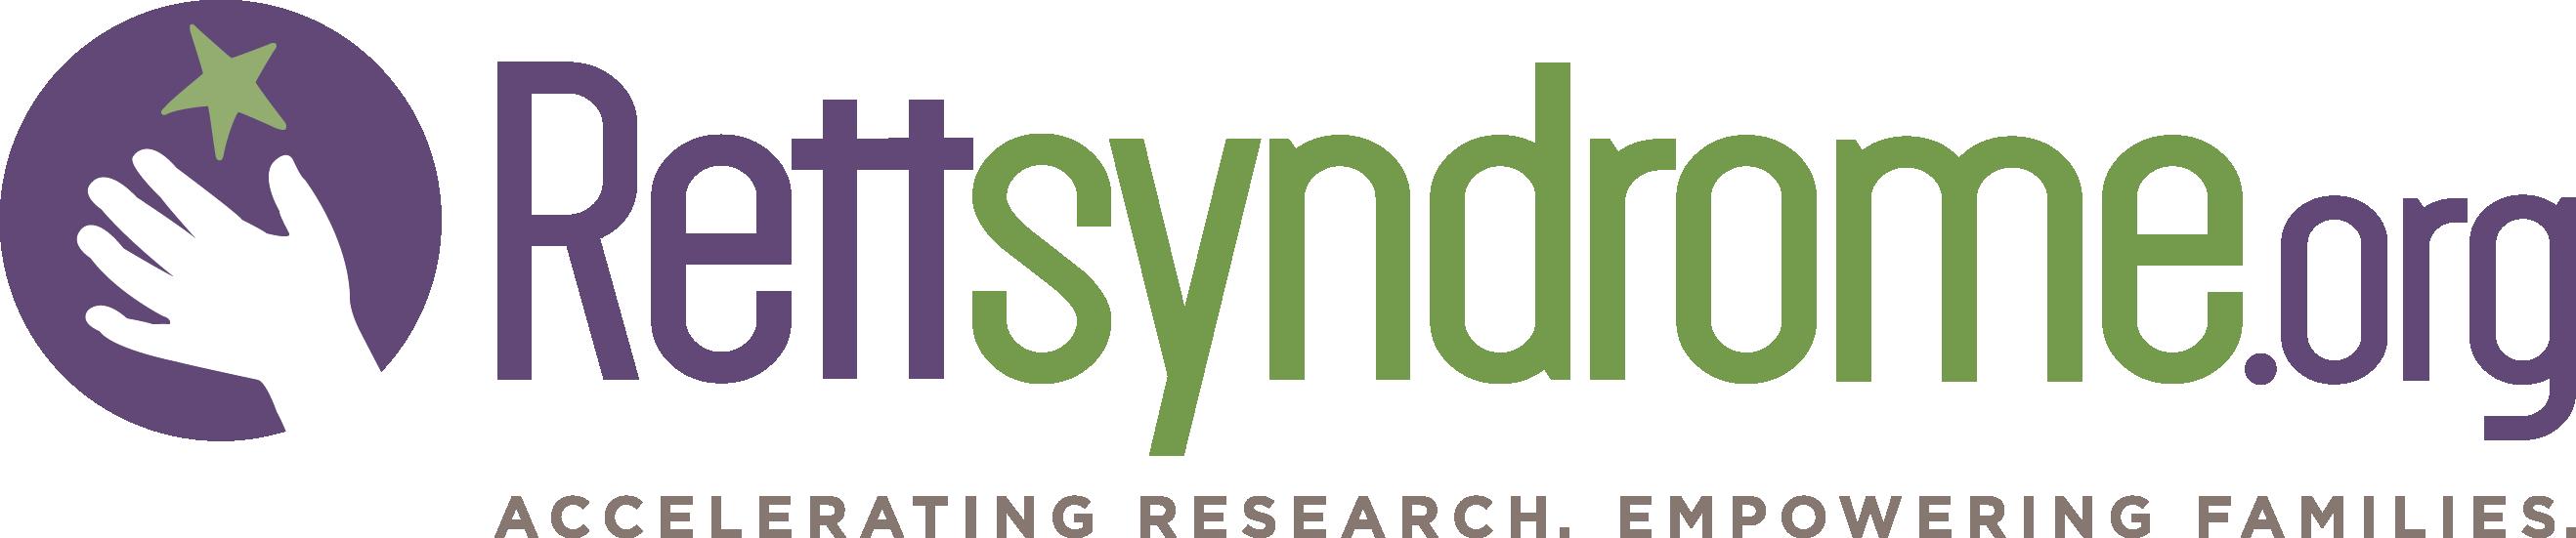 Rettsyndrome.org banner